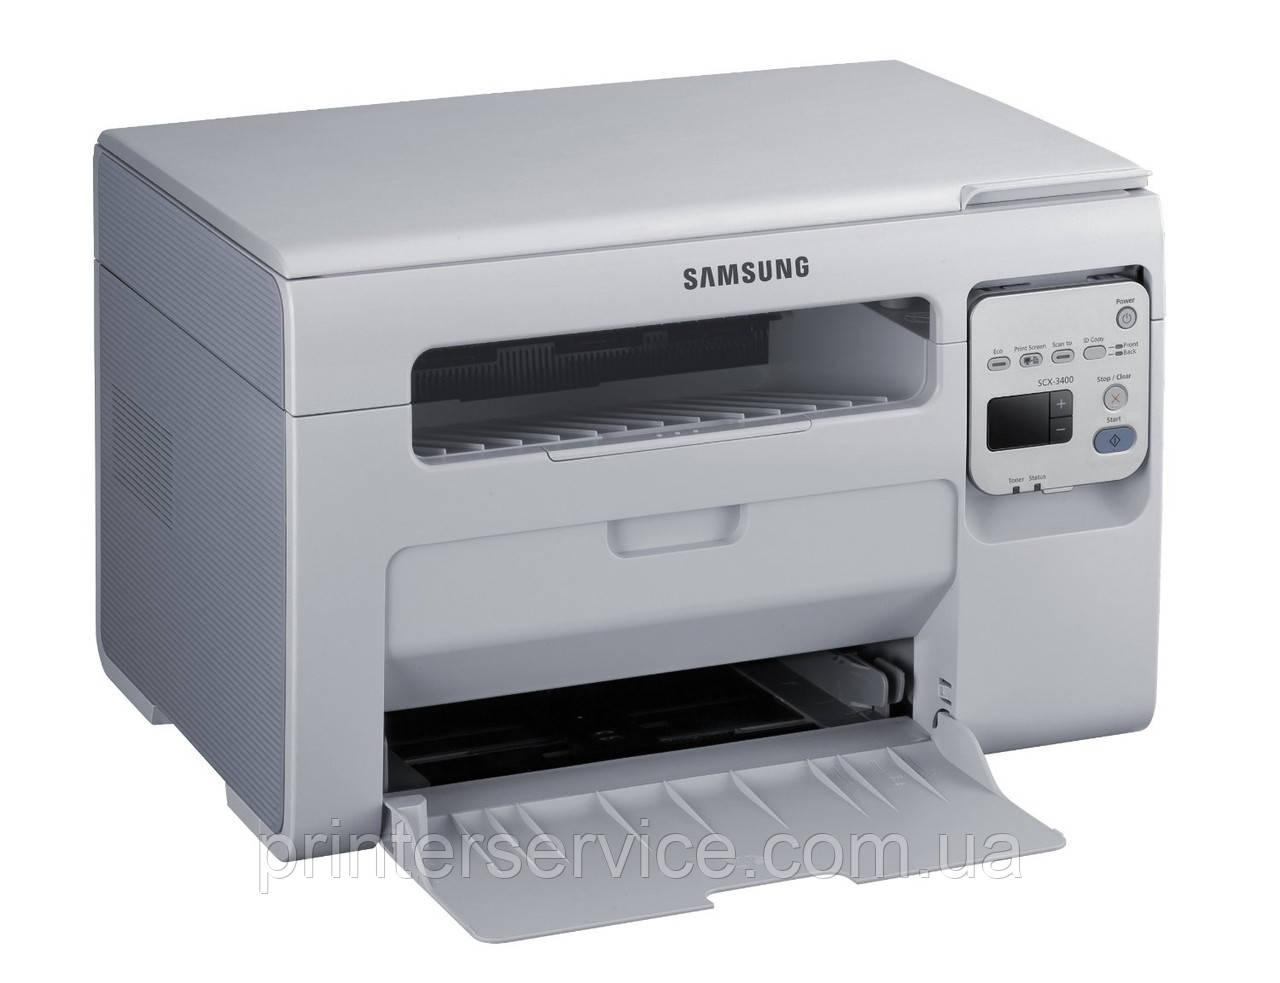 Samsung SCX-3405 лазерное МФУ 3-в-1 формата А4